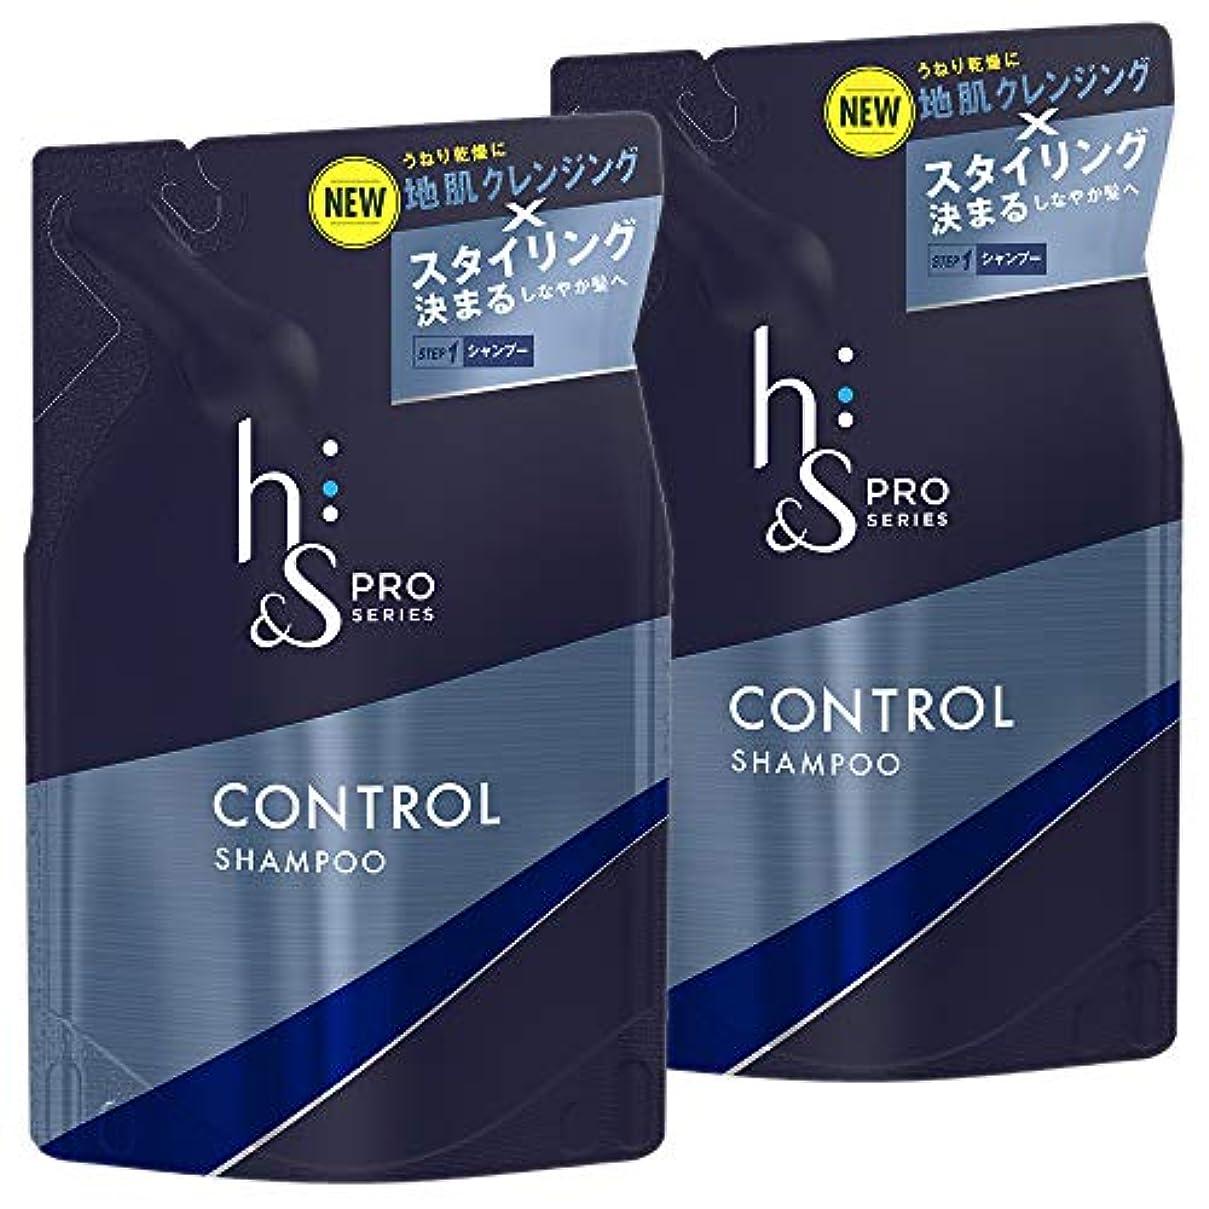 エンジン斧バドミントン【まとめ買い】 h&s for men シャンプー PRO Series コントロール 詰め替え 300mL×2個